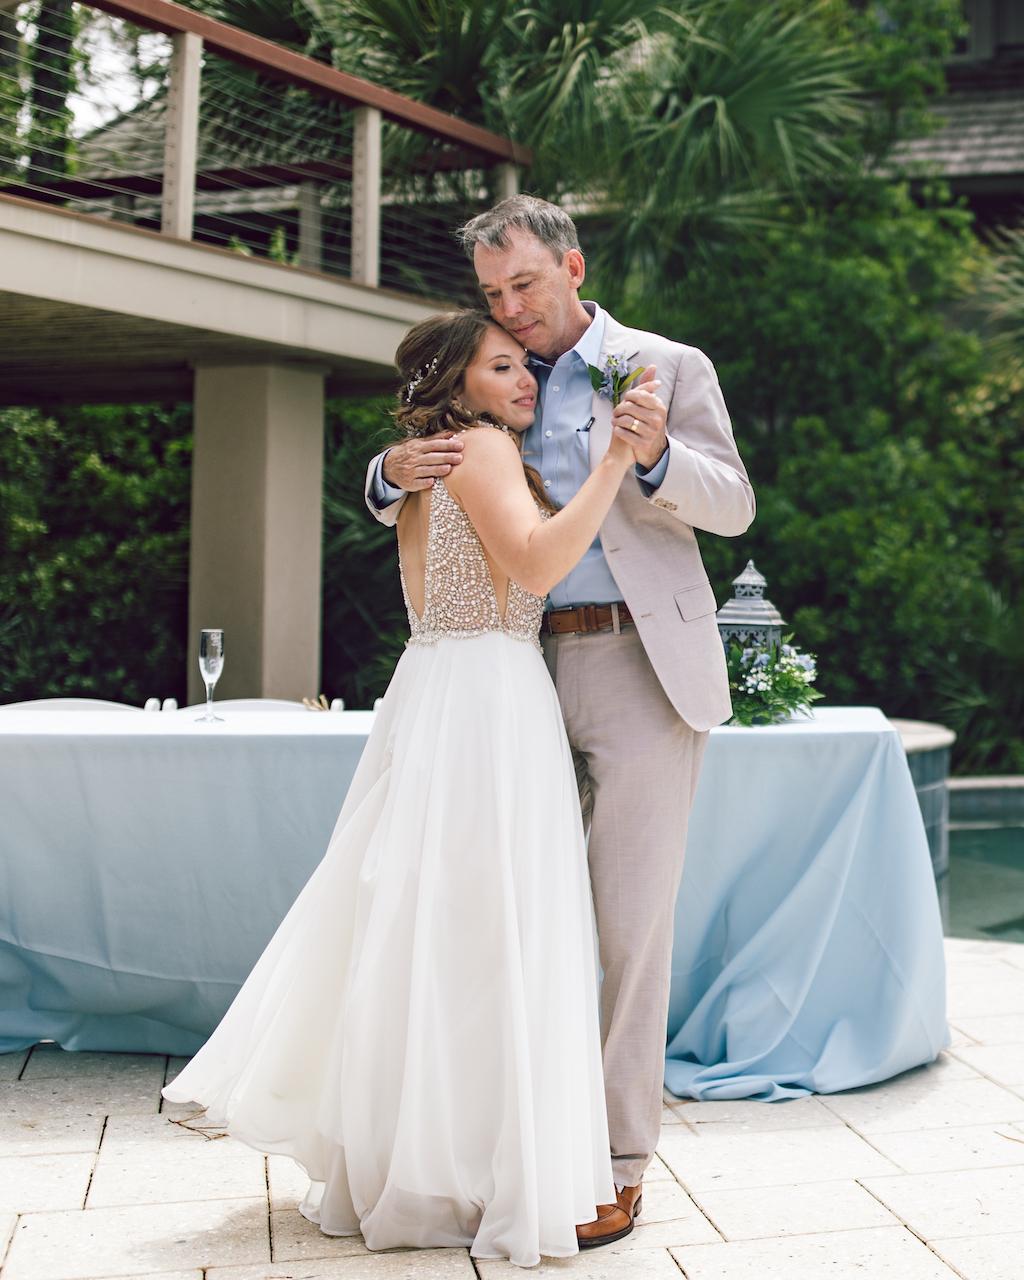 hilton-head-island-wedding-sc-reception259.jpg